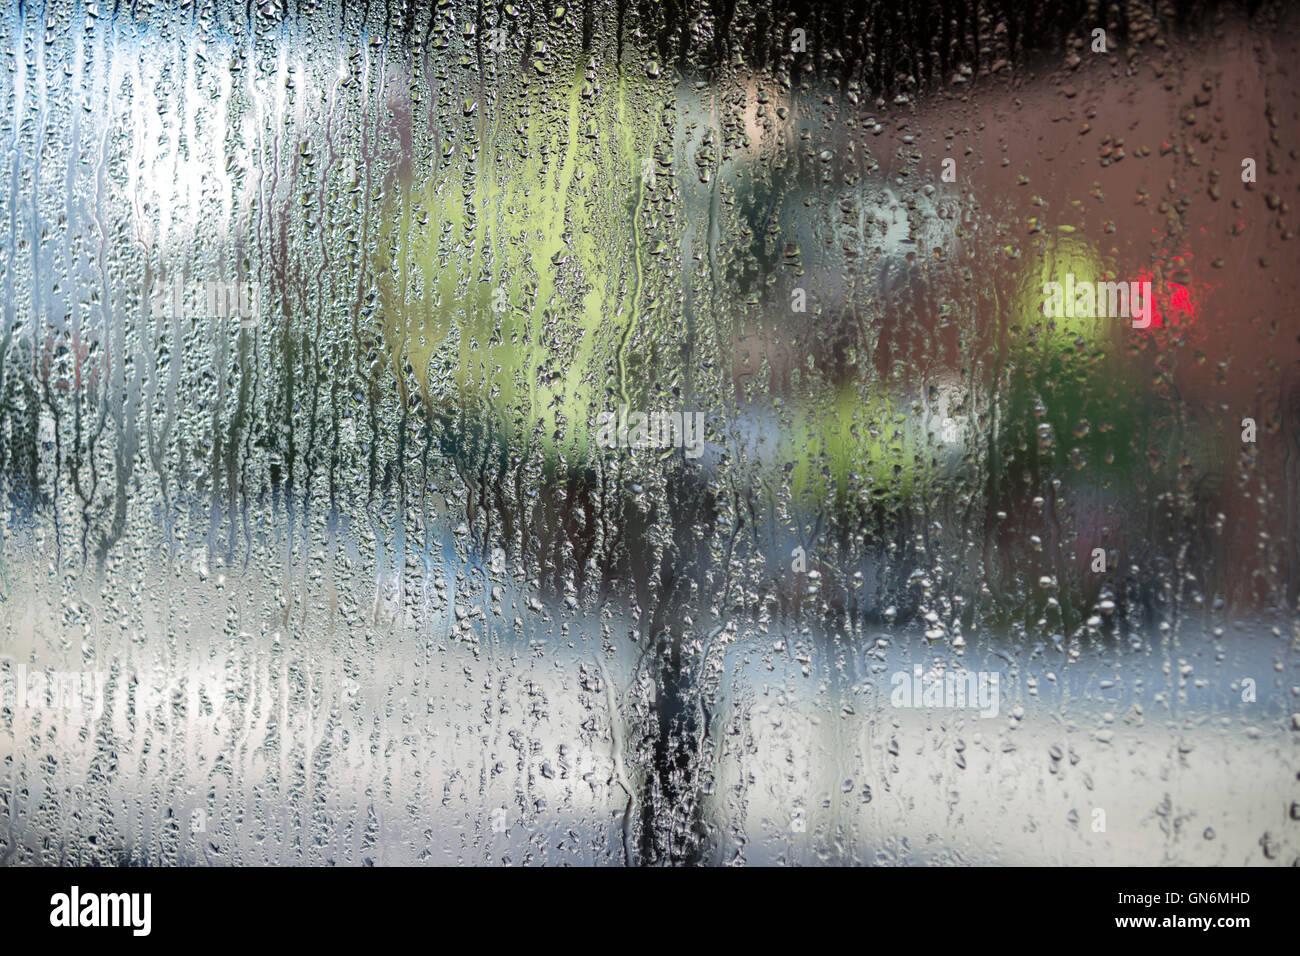 BLICK DURCH KONDENSATION AUF GLAS SHOP FENSTER DOWNTOWN SAVANNAH GEORGIA USA Stockbild